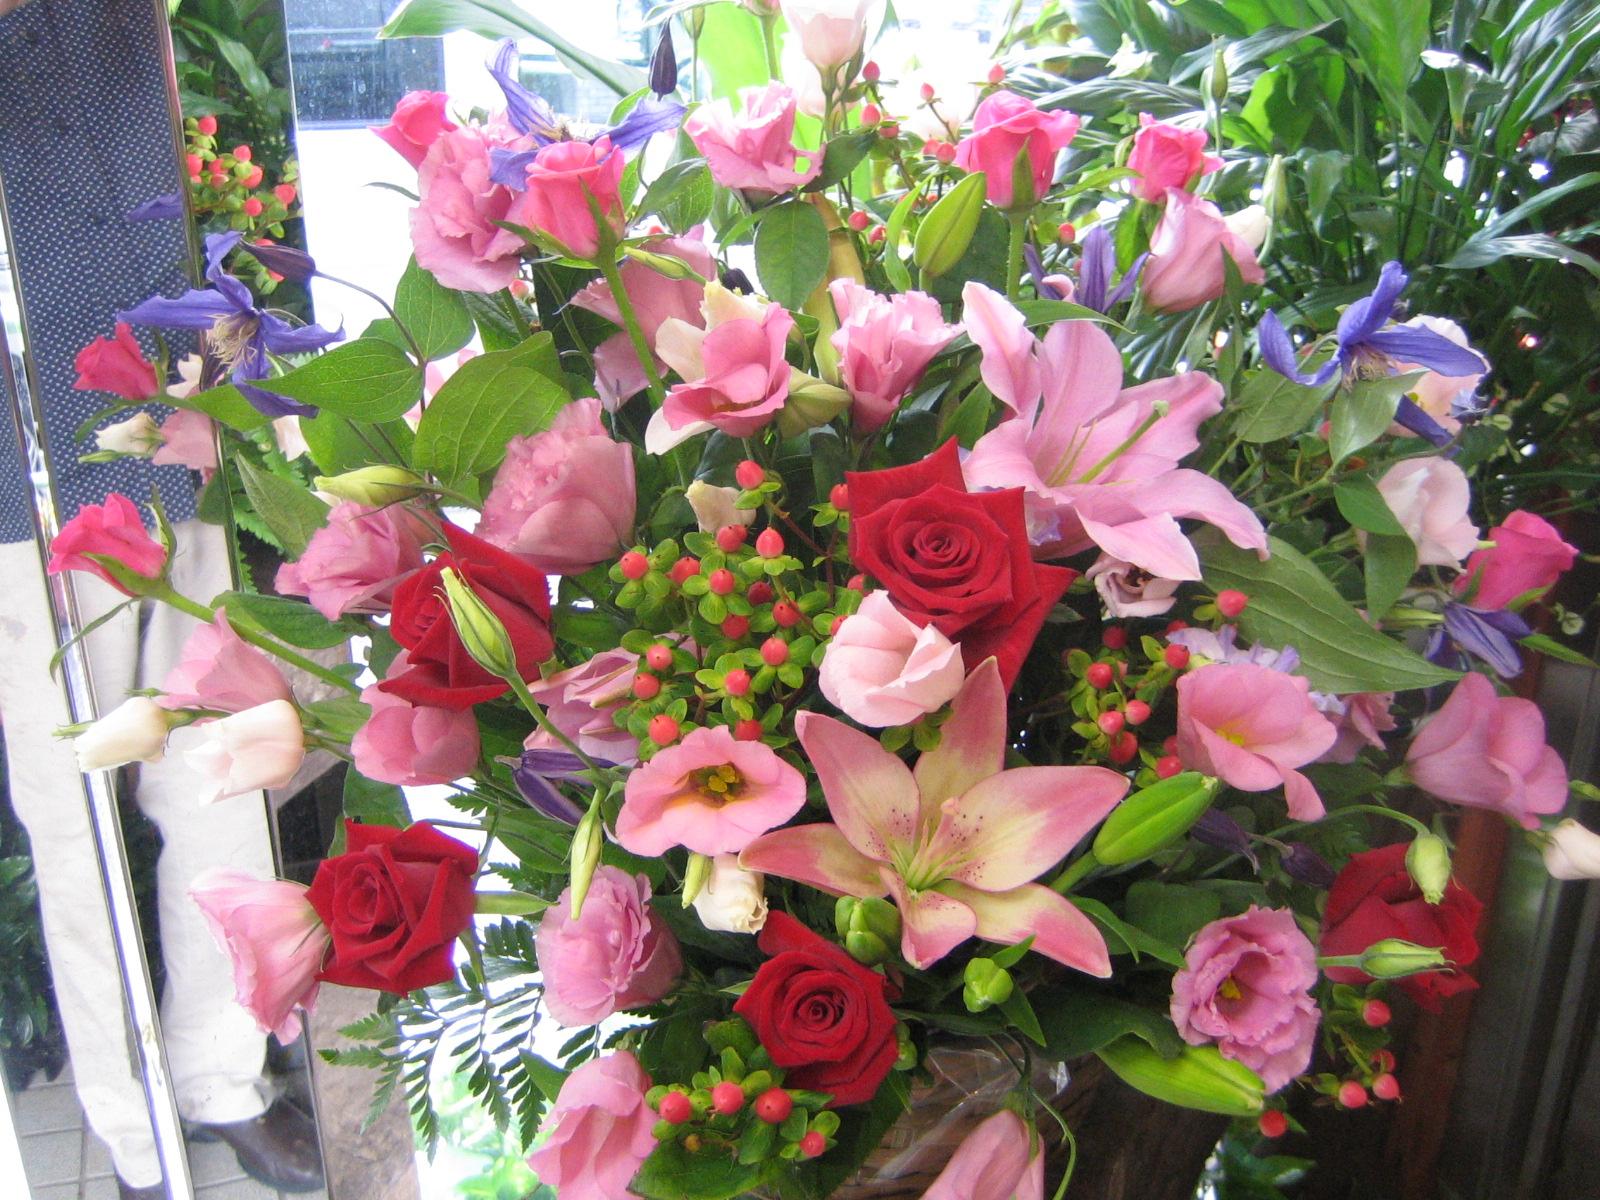 アレンジ・花束・スタンド花・観葉植物・胡蝶蘭 名古屋市中区 | フラワー 花時 |